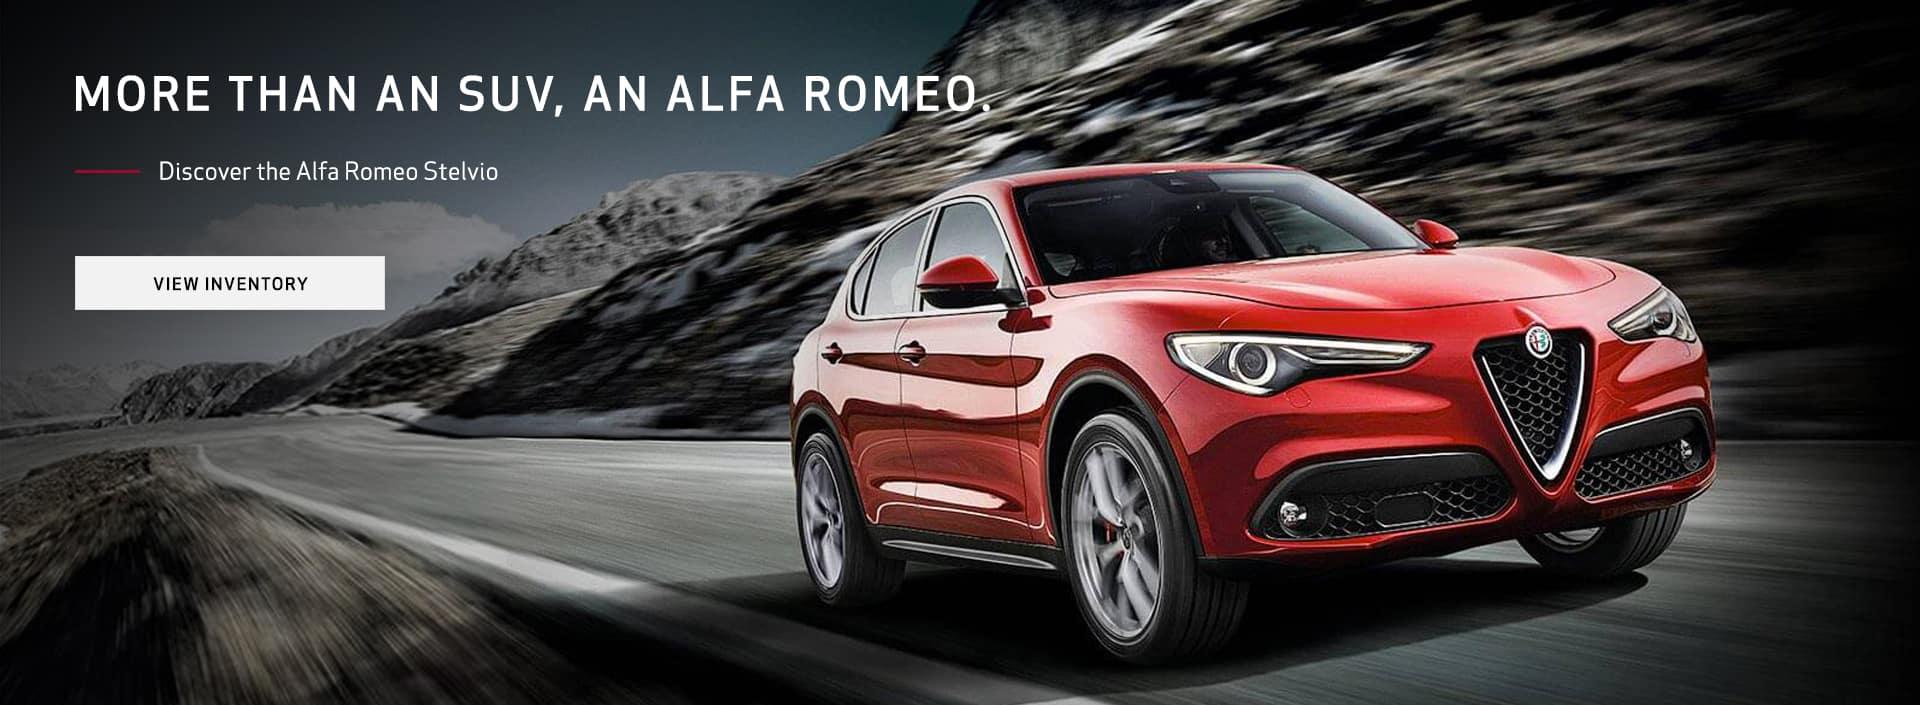 Alfa Romeo slide Stelvio